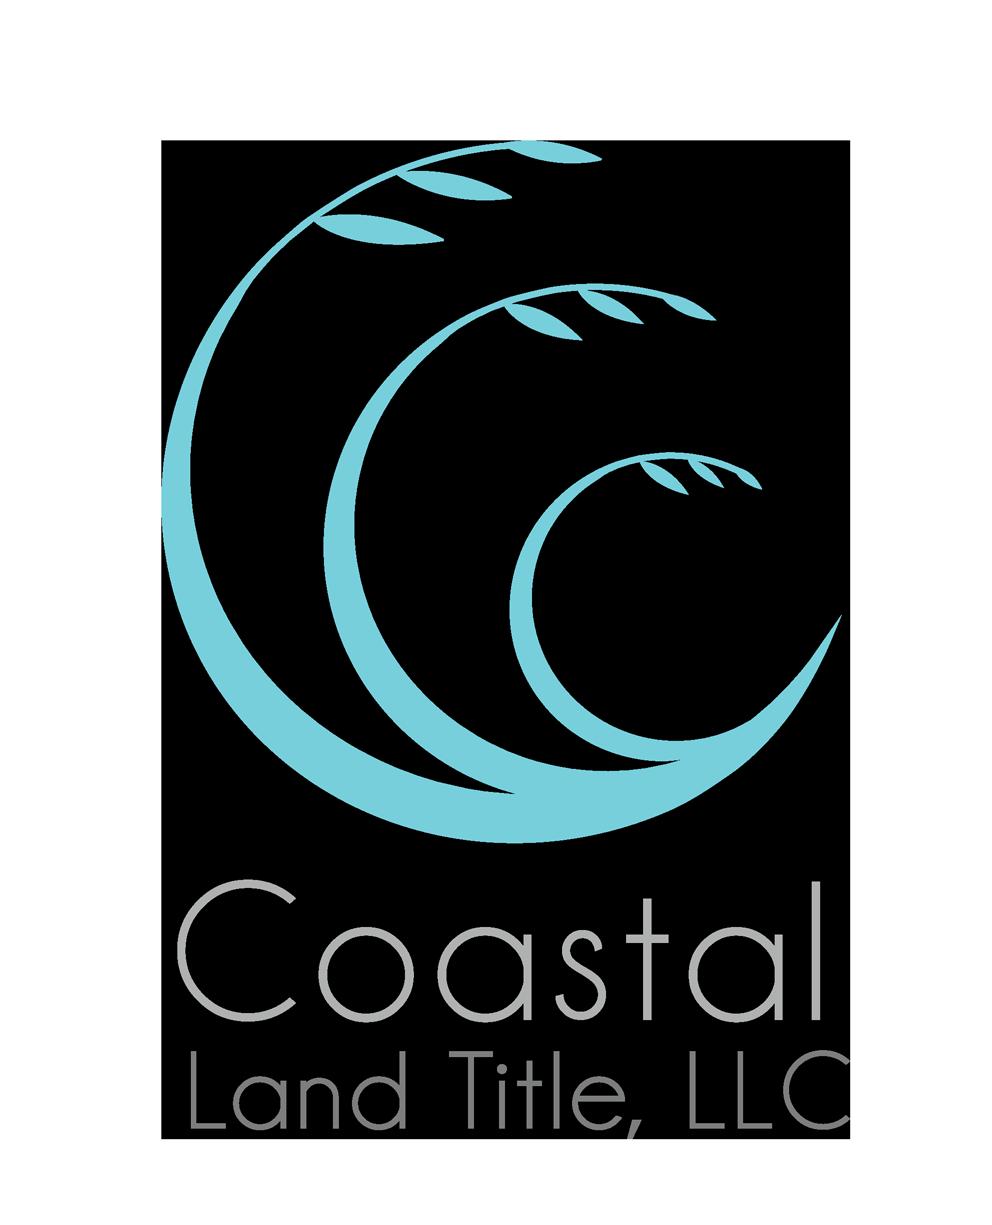 coastal_logo_padded.png